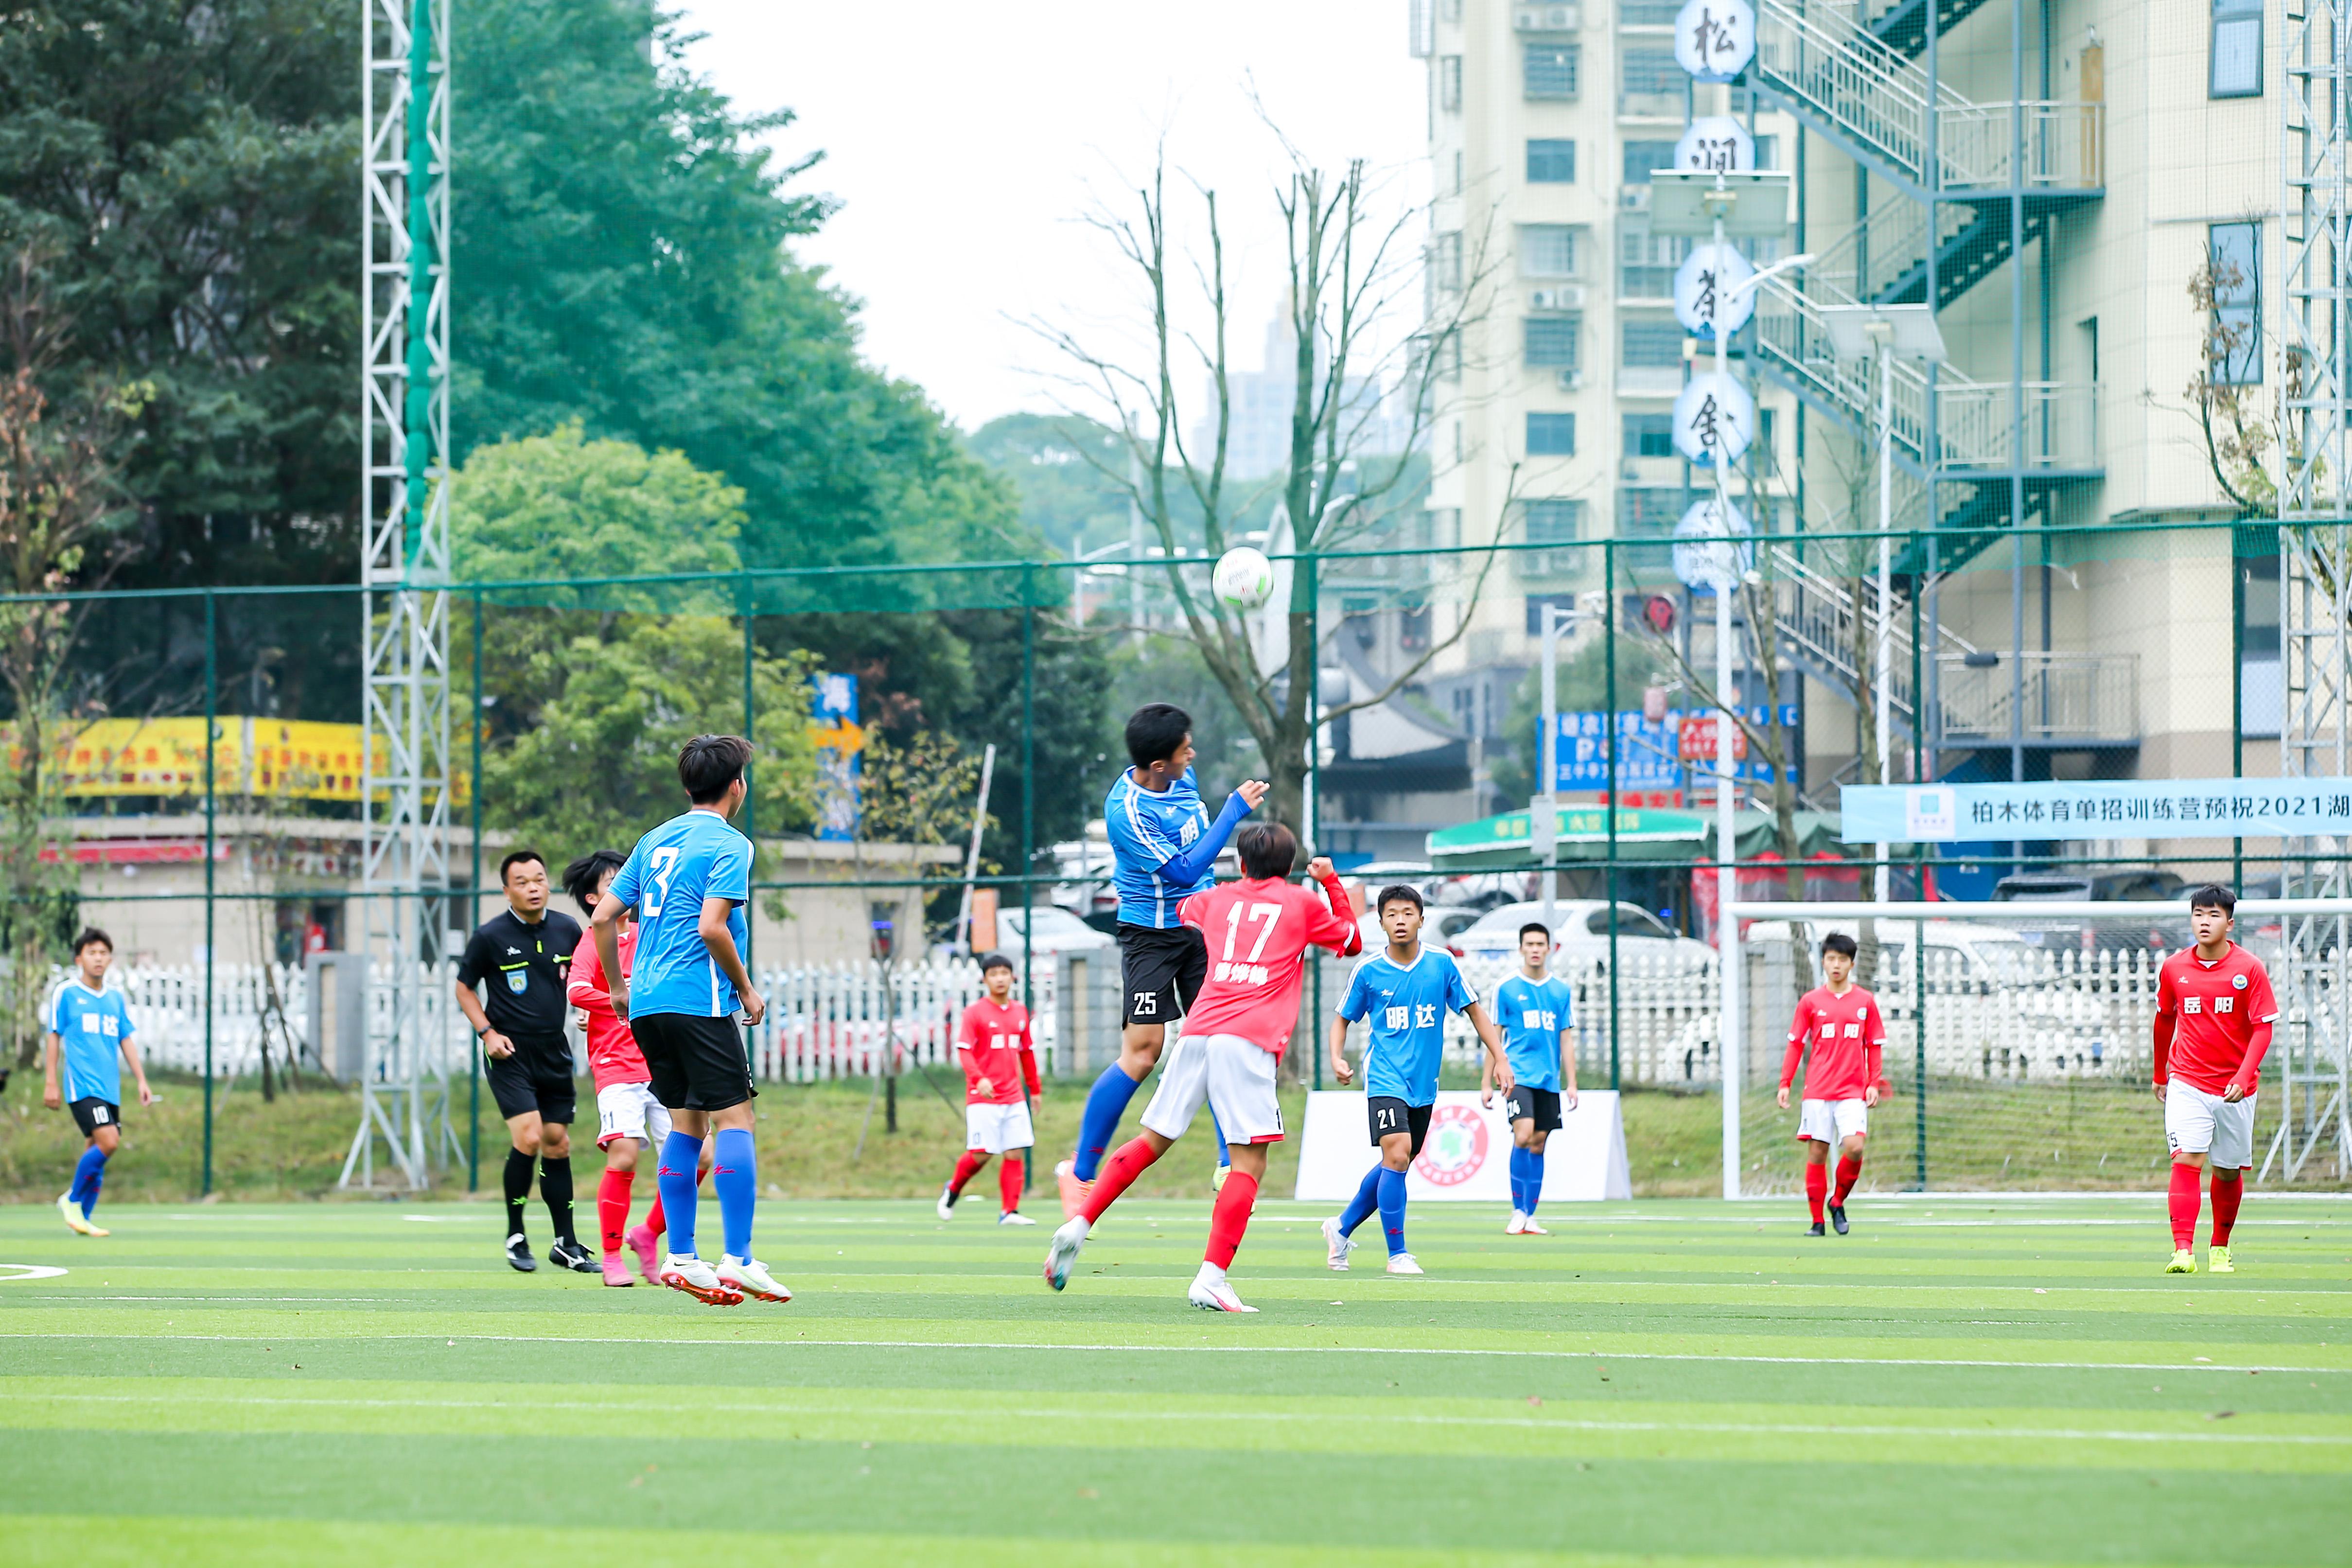 2021湖南省足球协会青少年足球锦标赛开战